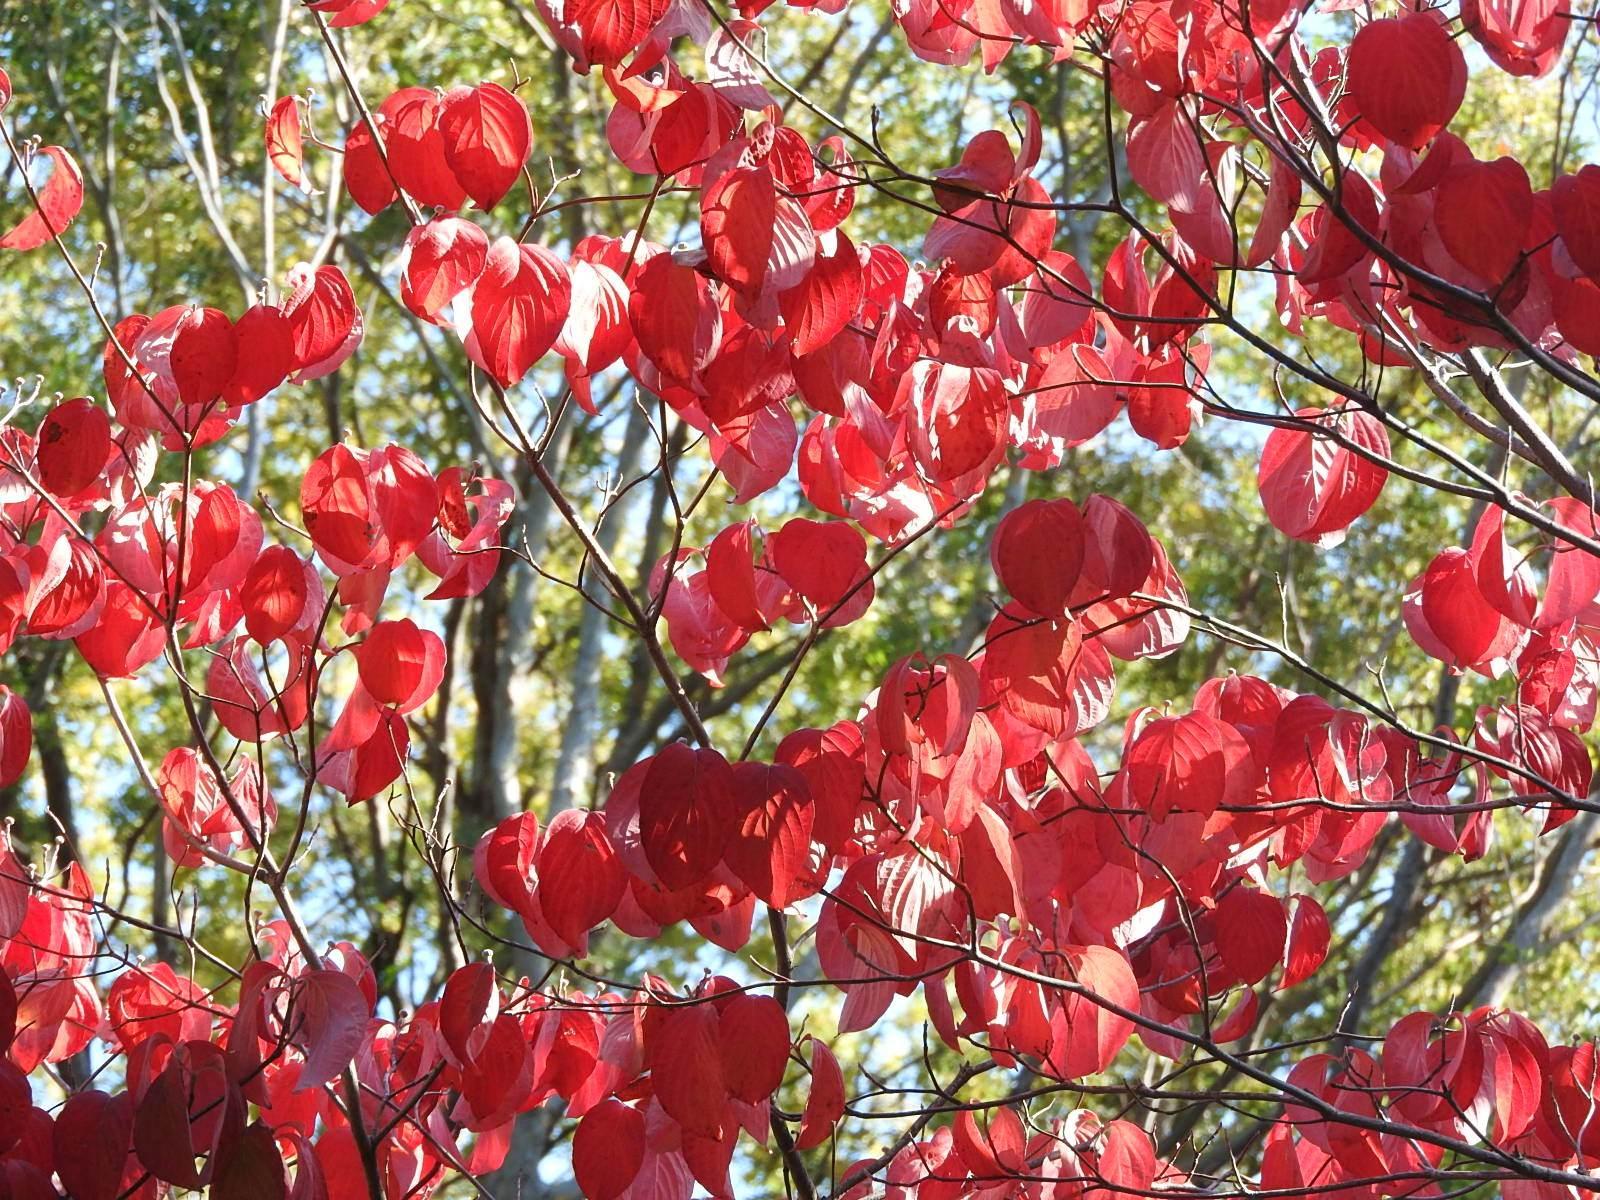 「紅葉したハナミズキの葉」の写真